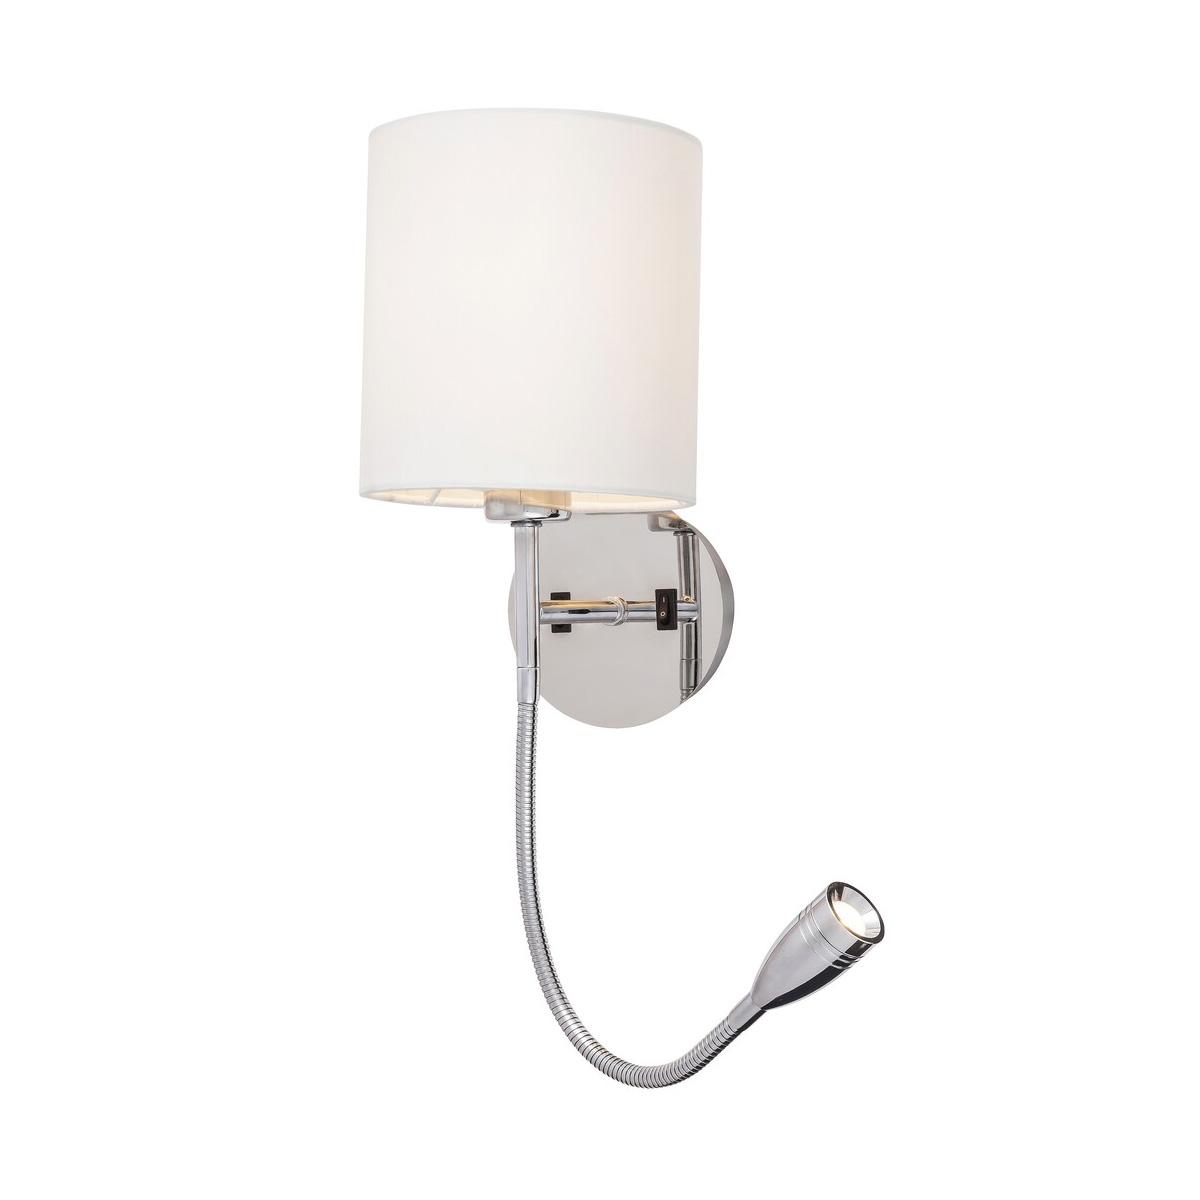 Spot lampa Holly 5555